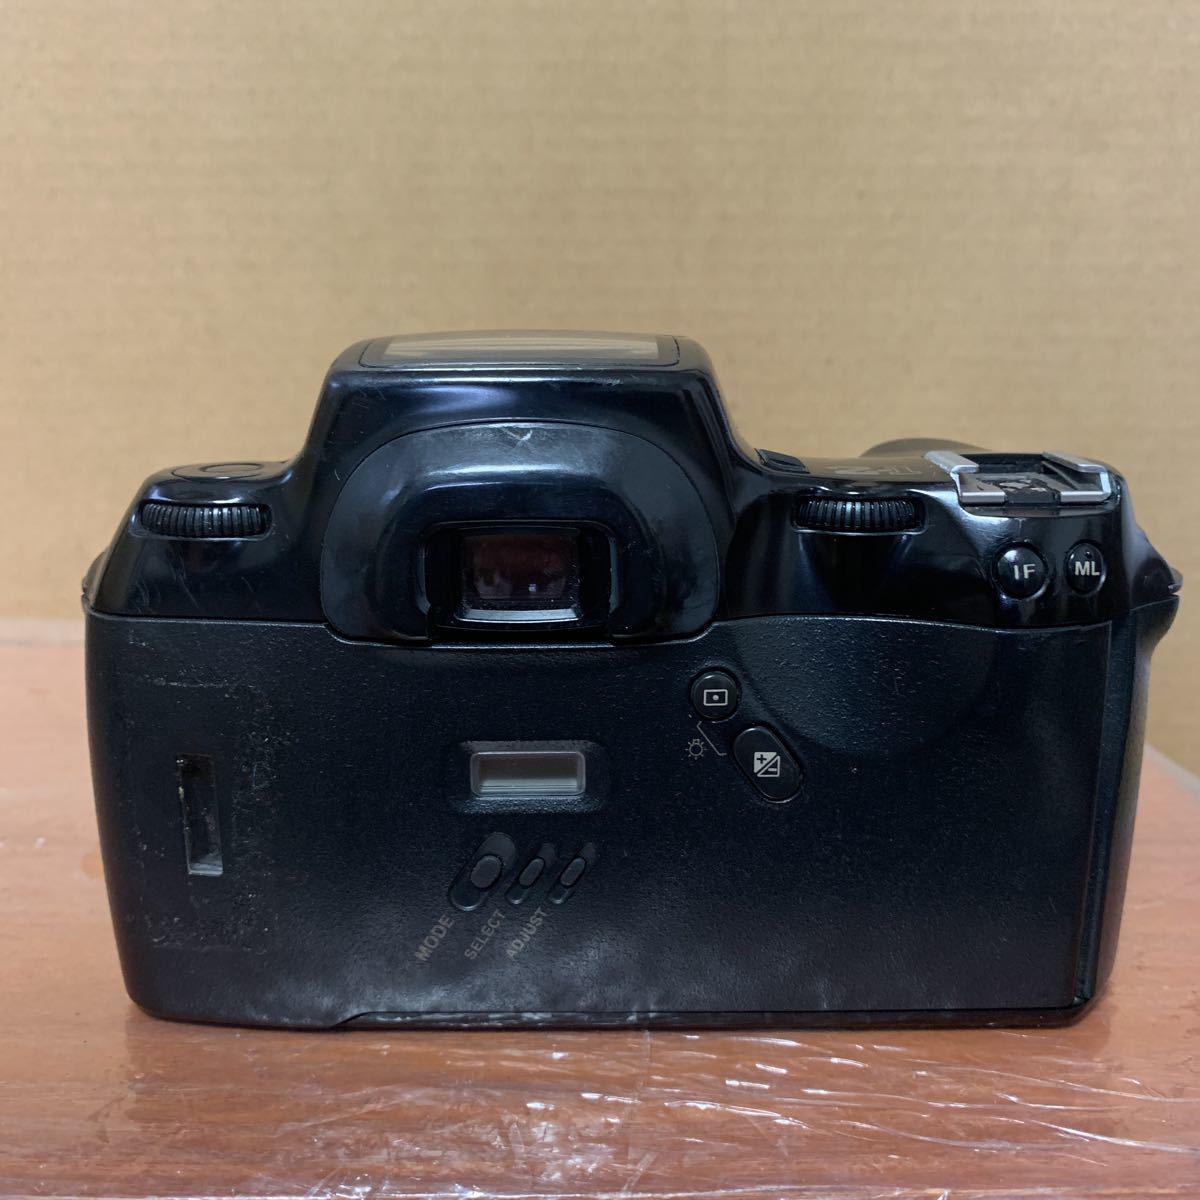 PENTAX Z - 1 ペンタックス 一眼レフカメラ フィルムカメラ 未確認 973_画像4